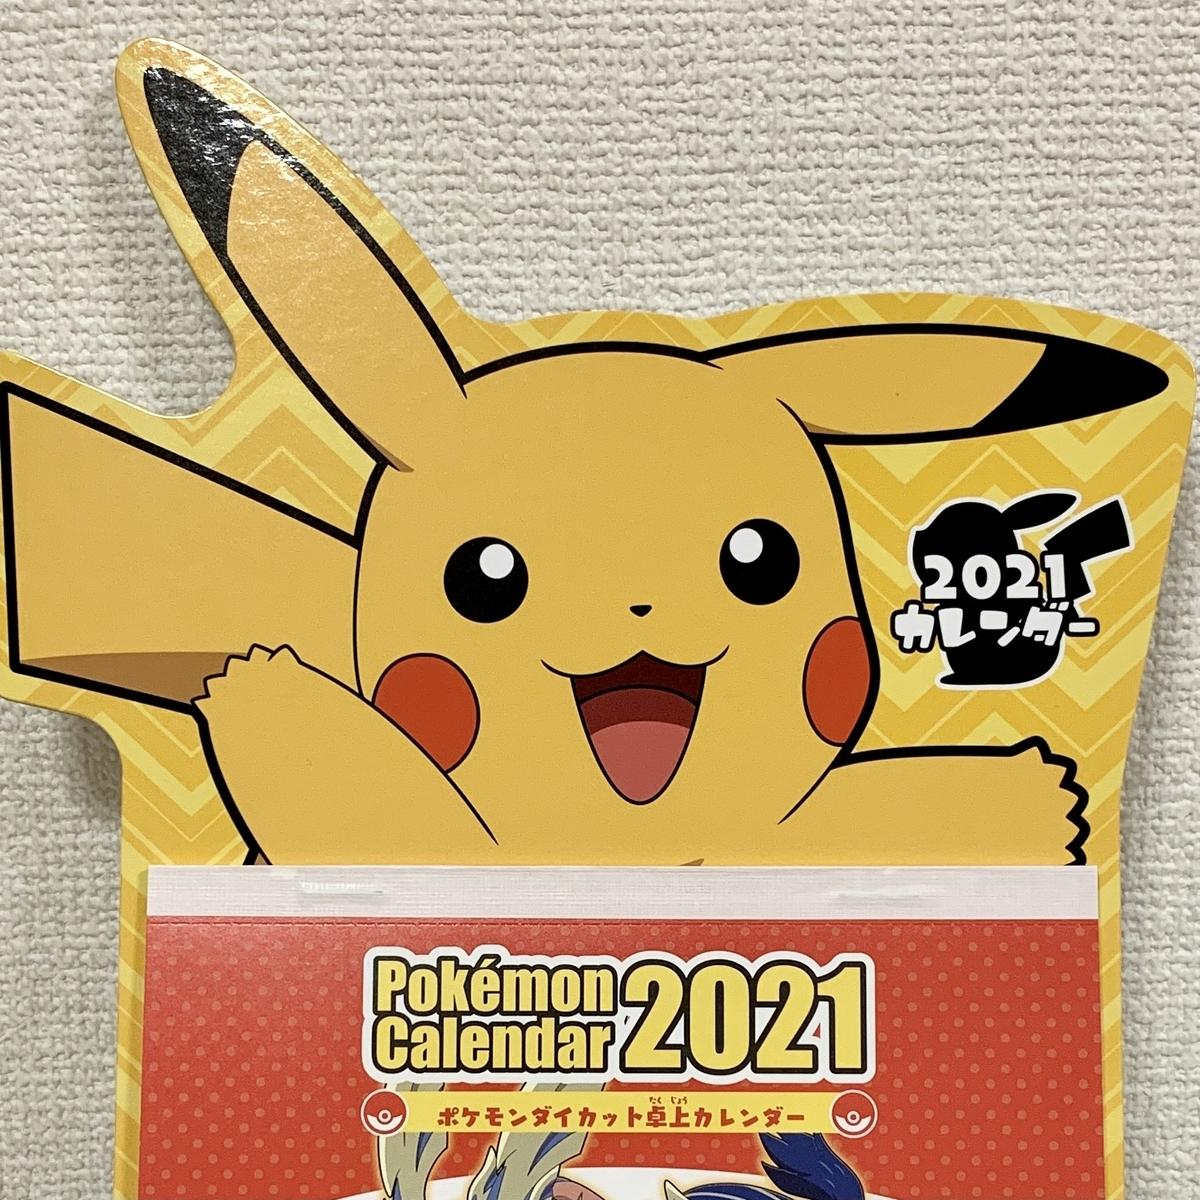 f:id:pikachu_pcn:20201113213856j:plain